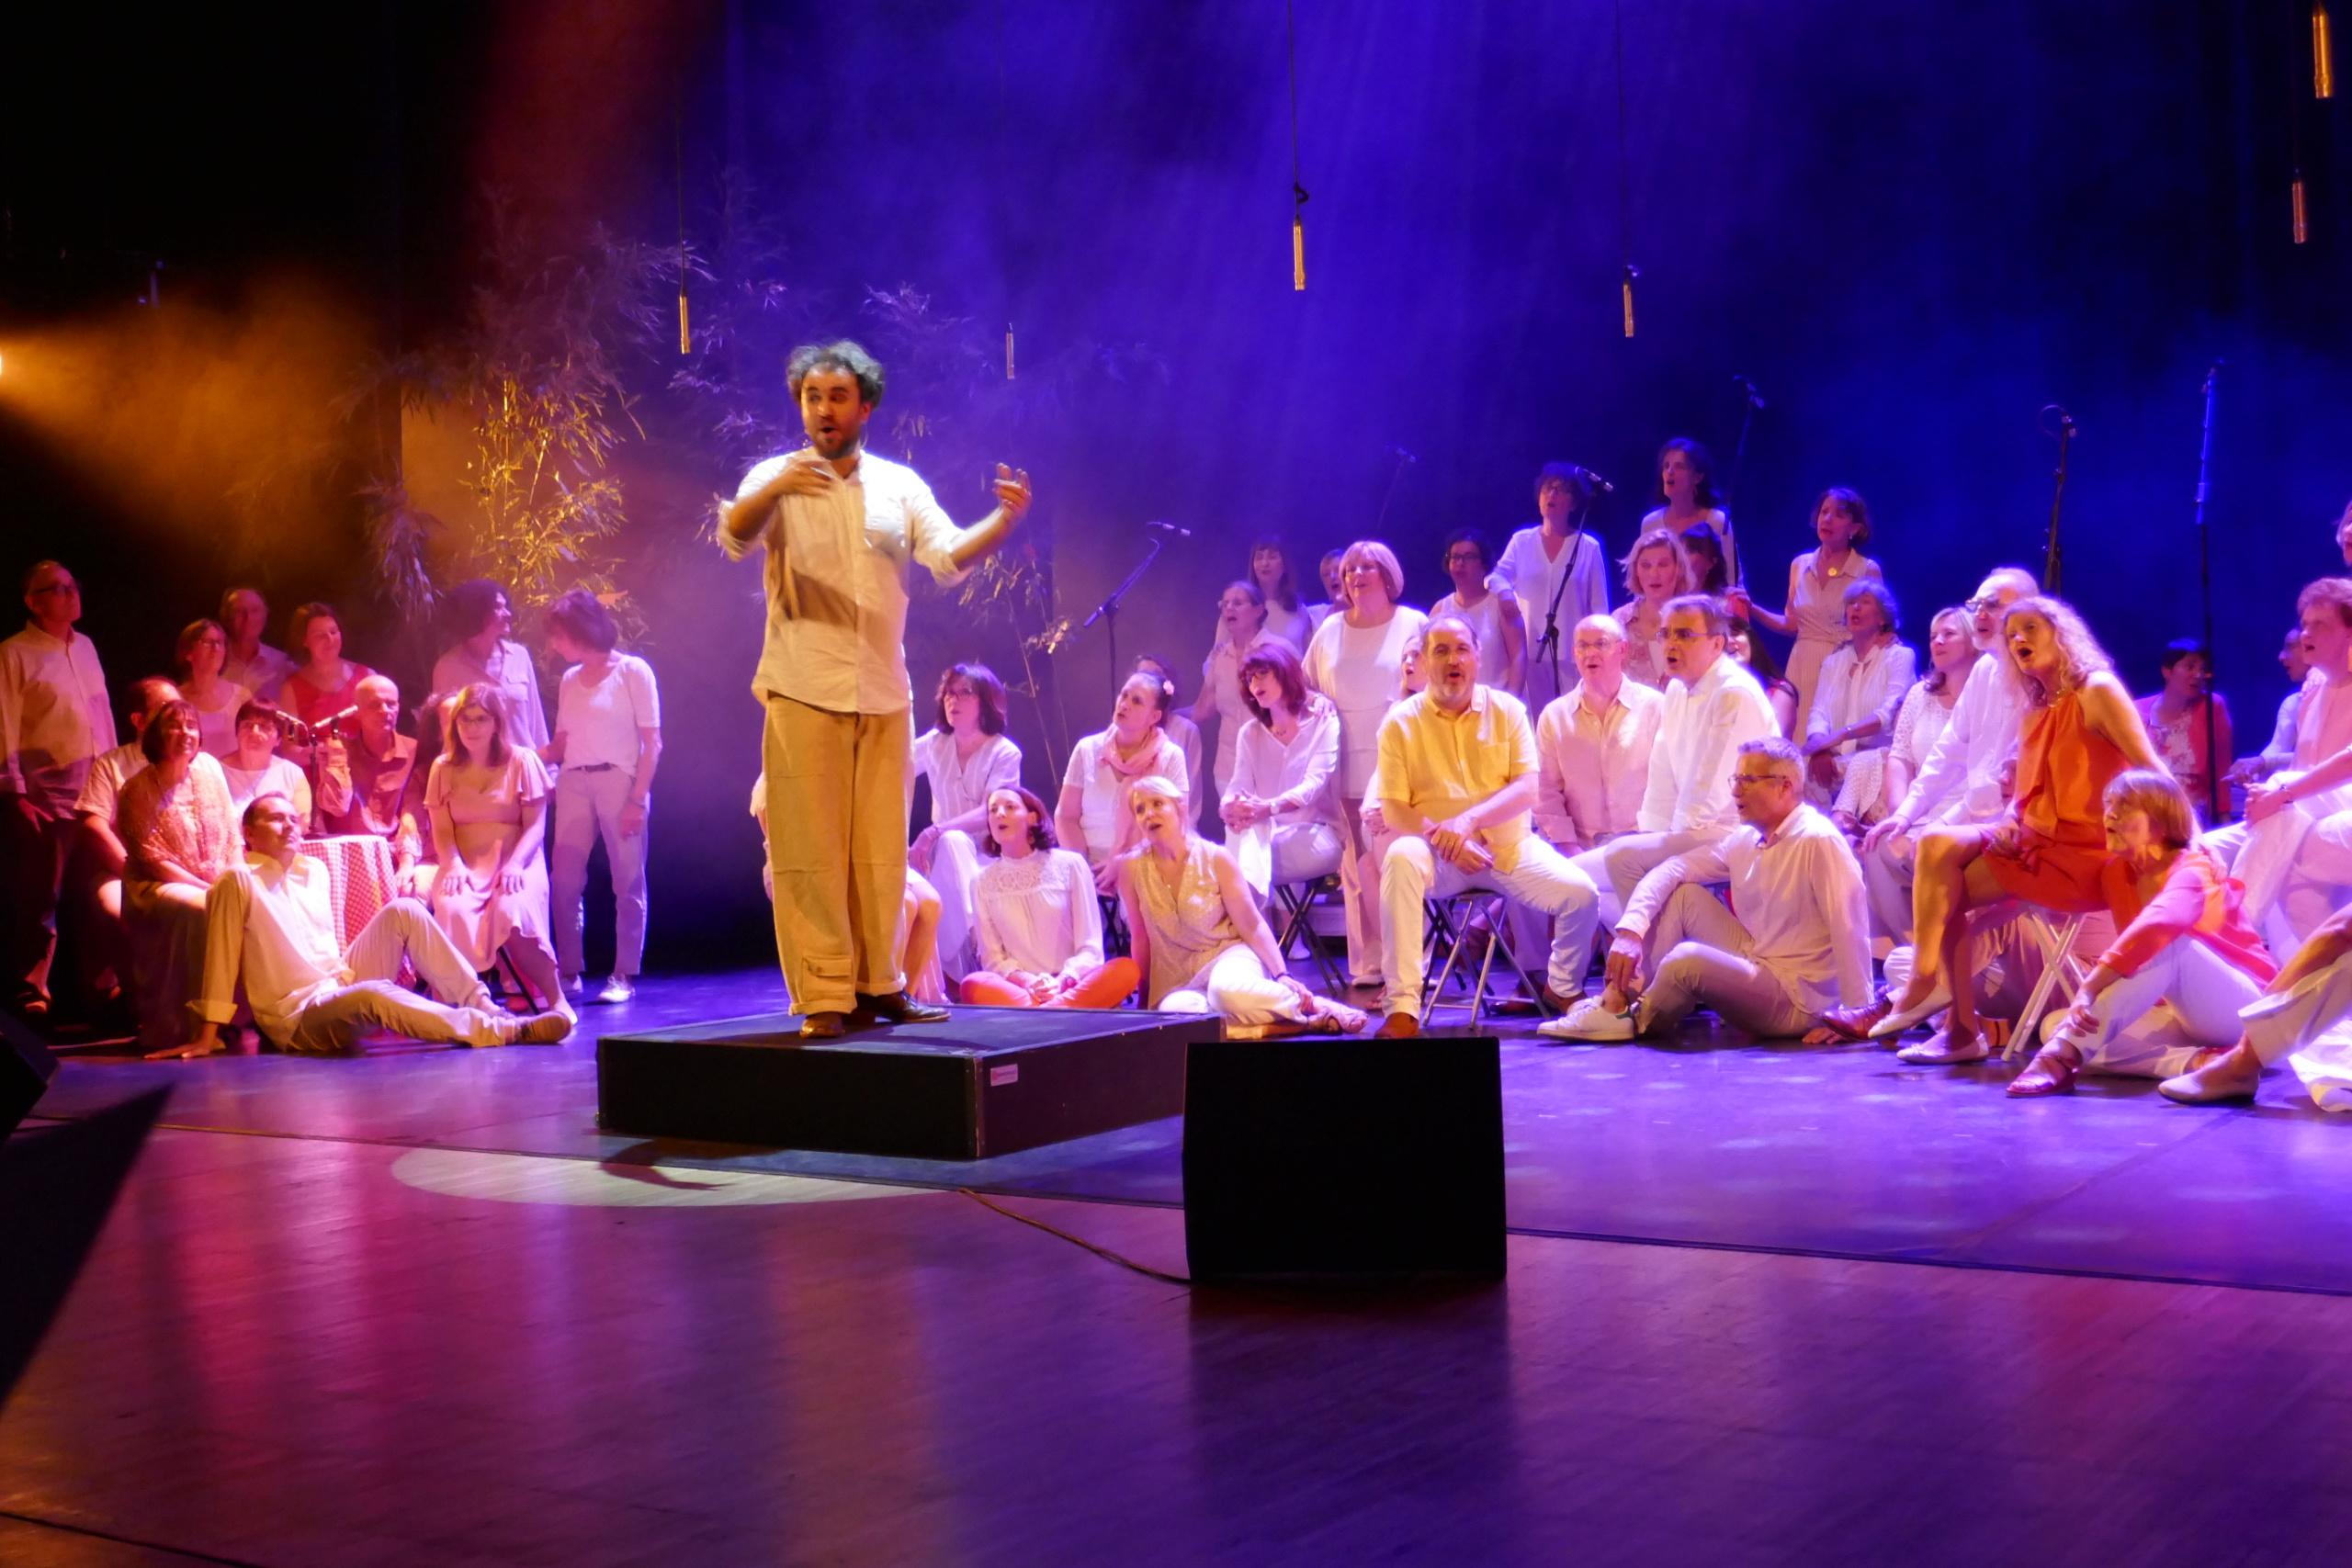 Concert L'appétit du bonheur - Théâtre de la Garenne Colombes 5 mars 2020